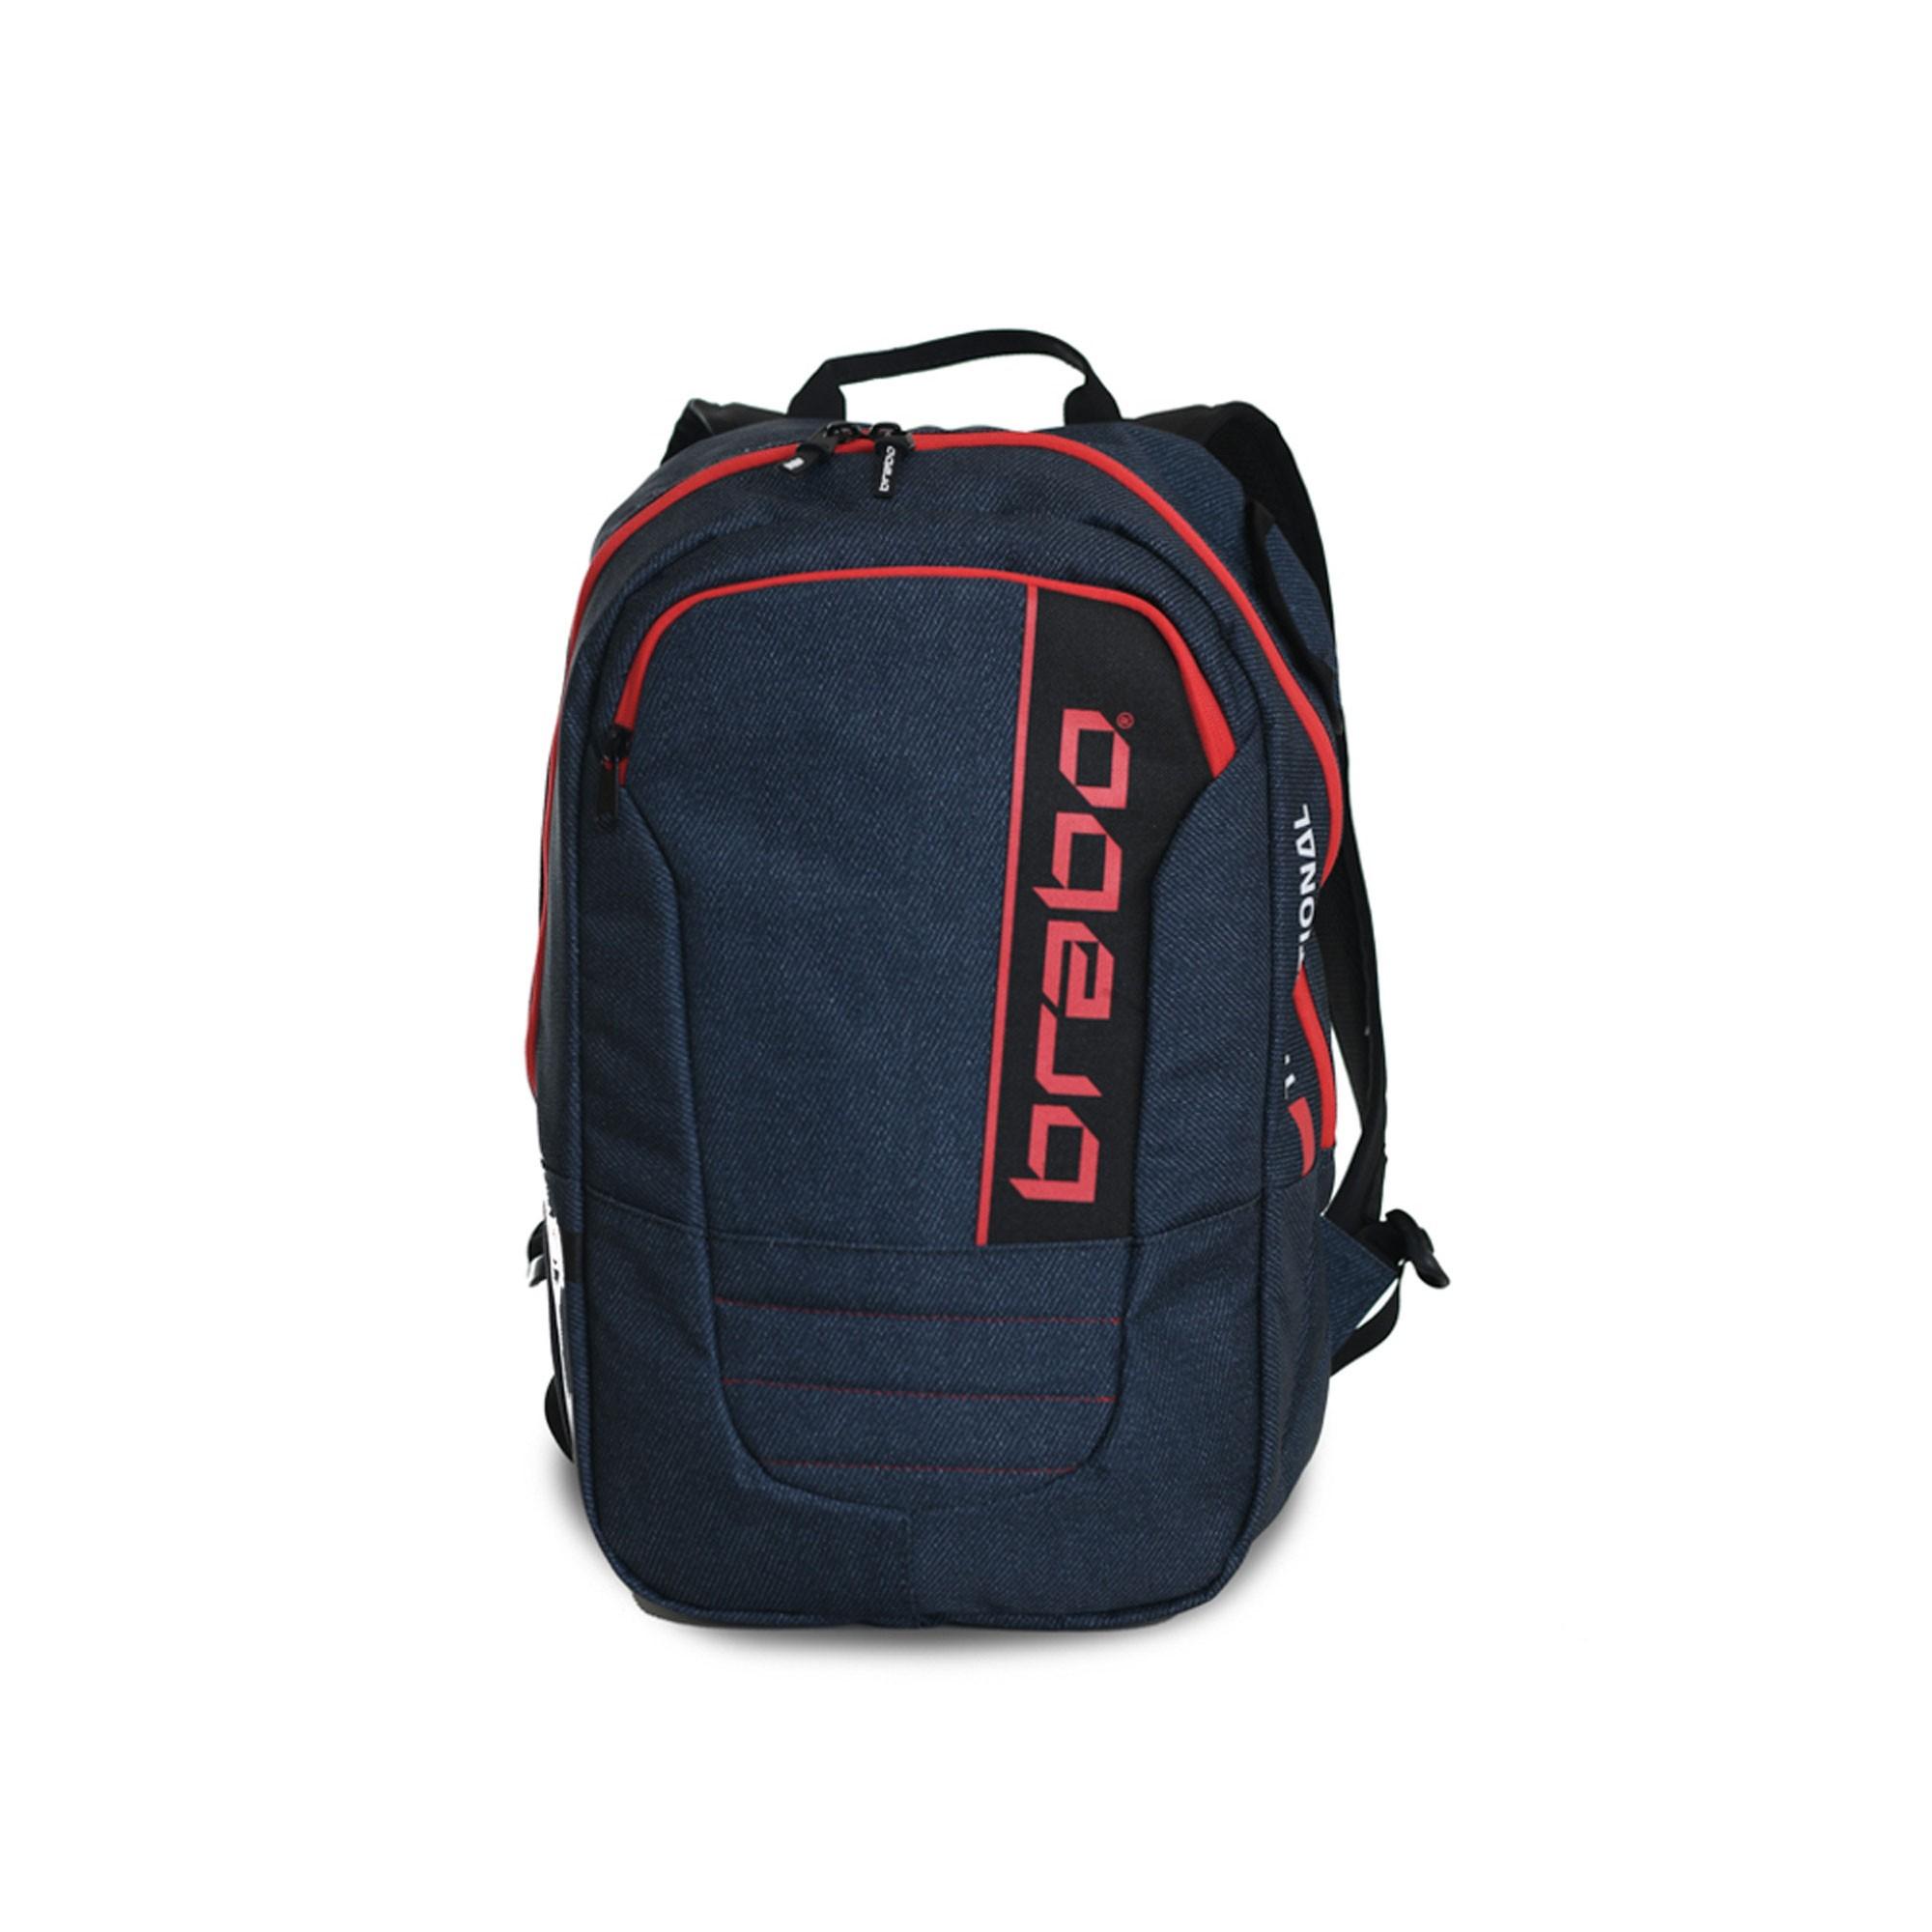 Afbeelding van Brabo Backpack Traditional Denim Hockeytas Junior Blue Red